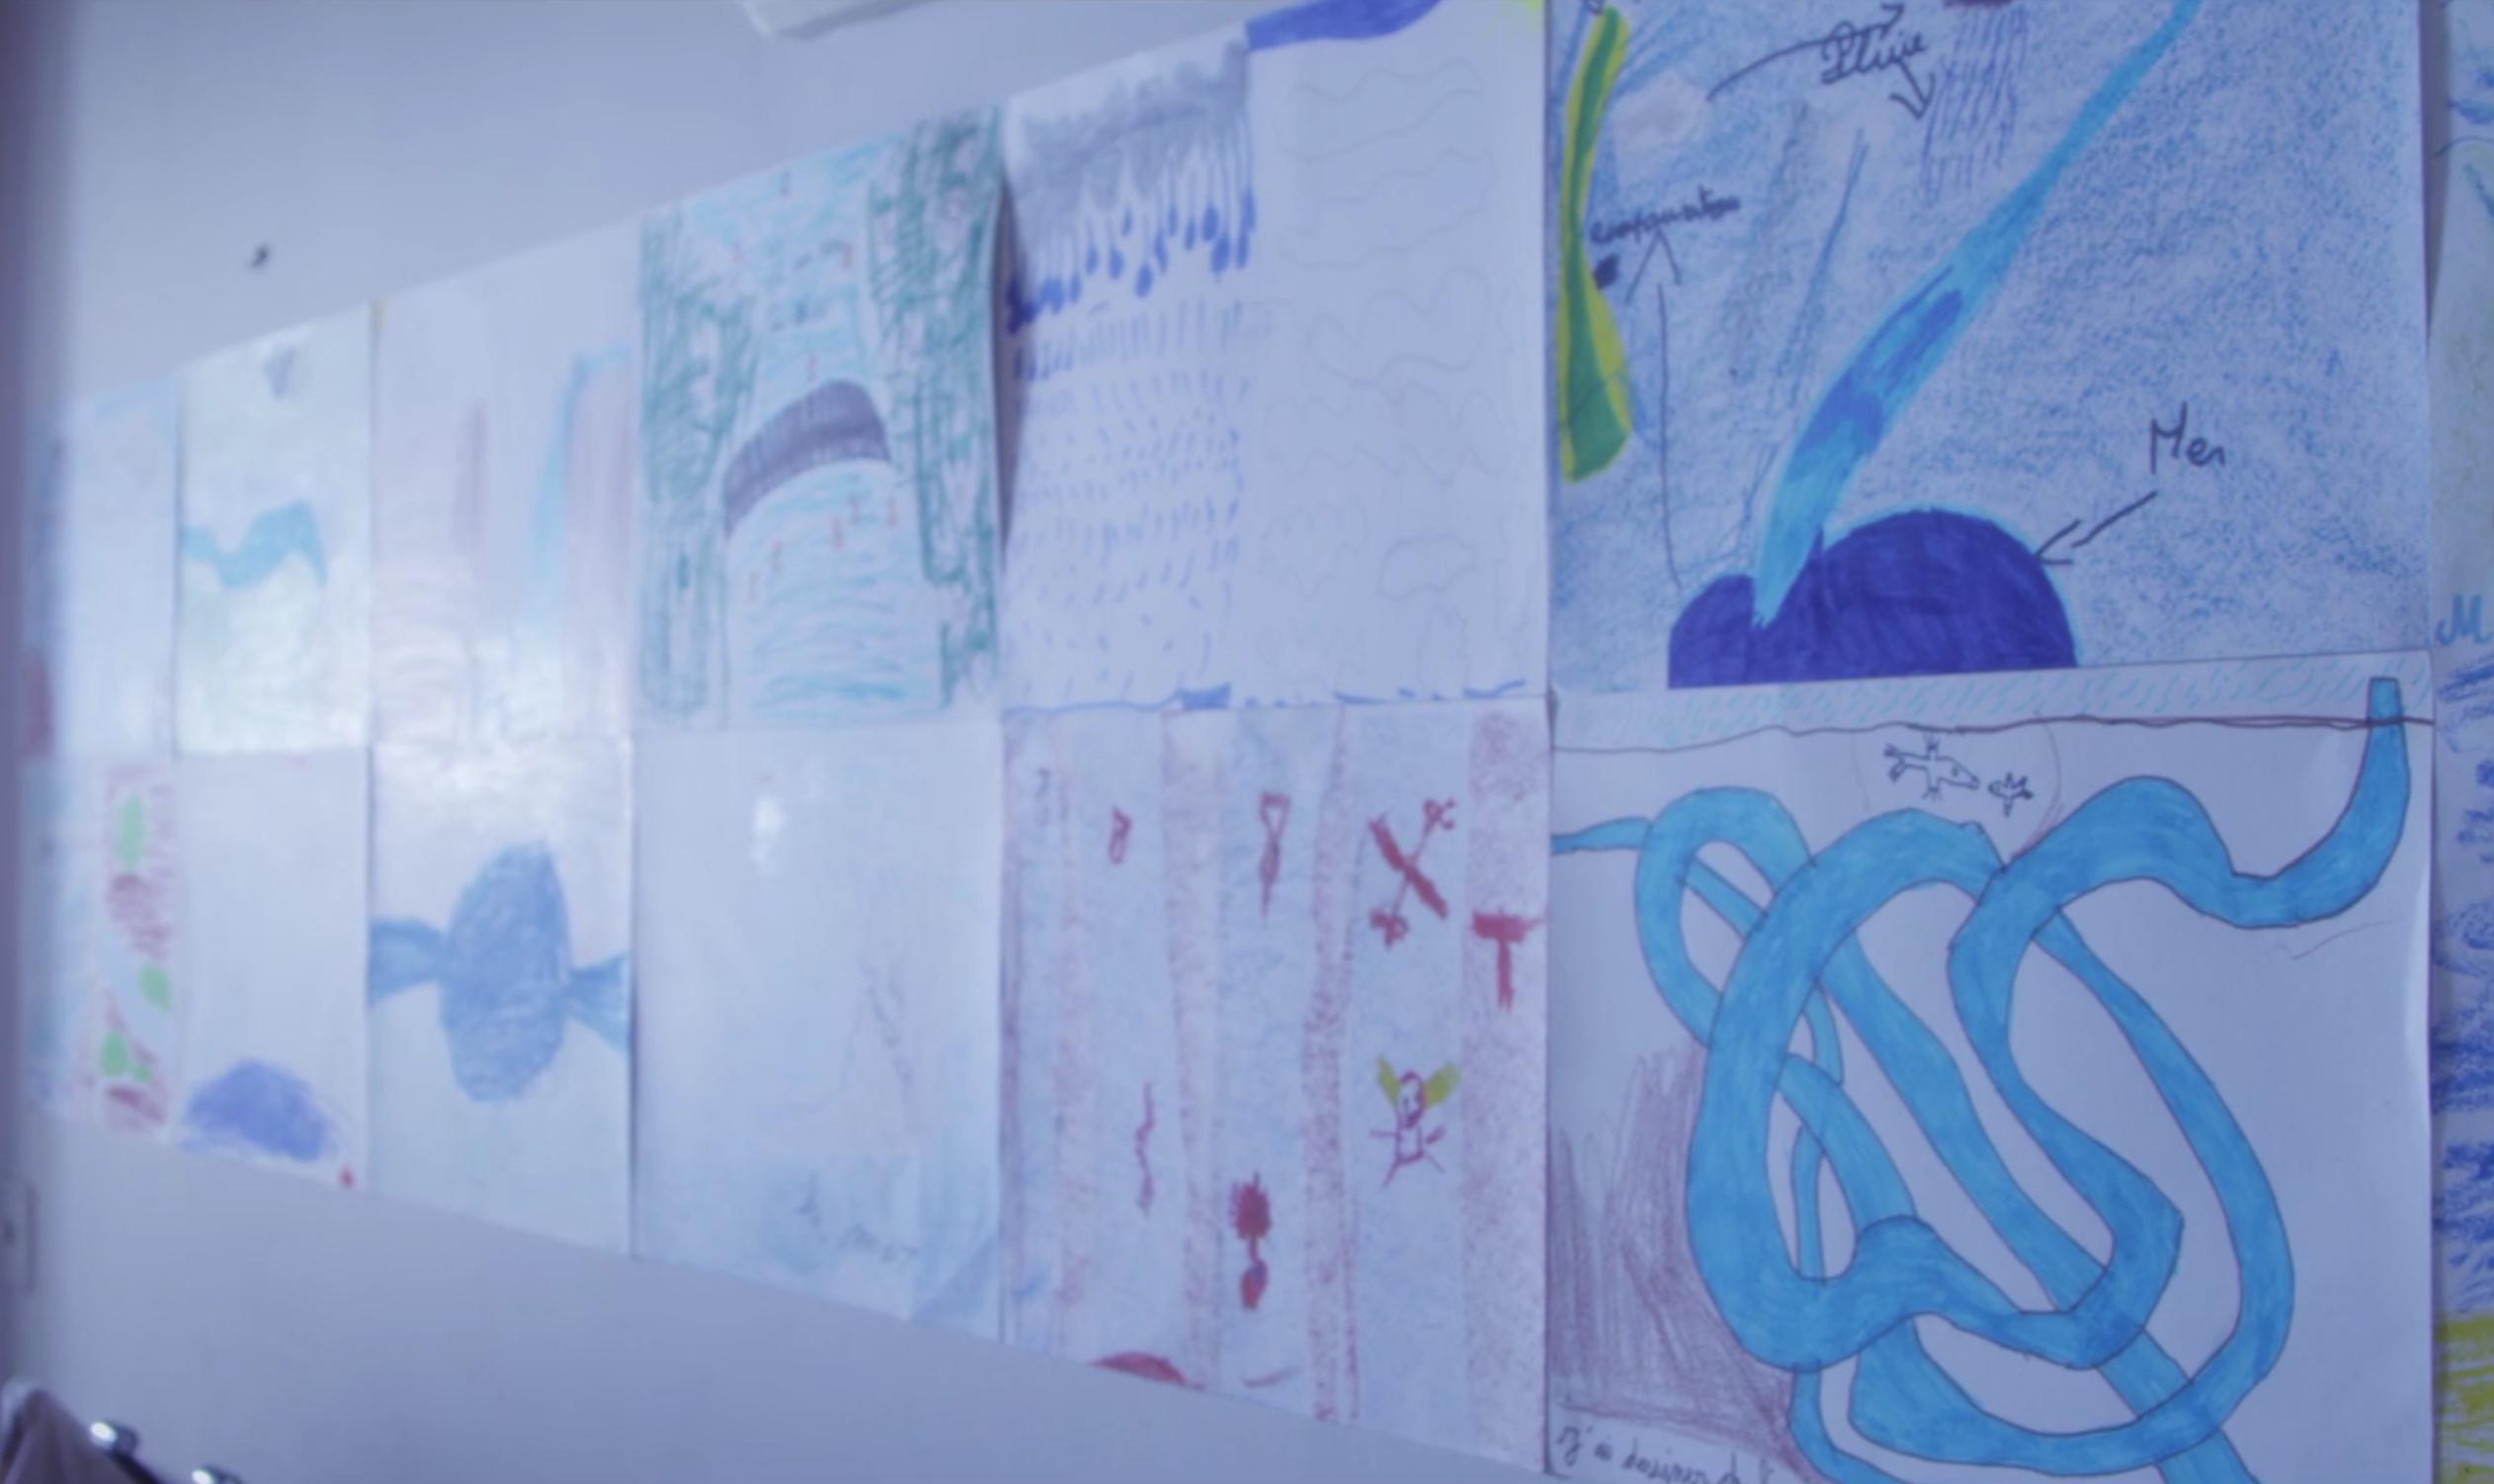 dessins d'enfant dans film d'école